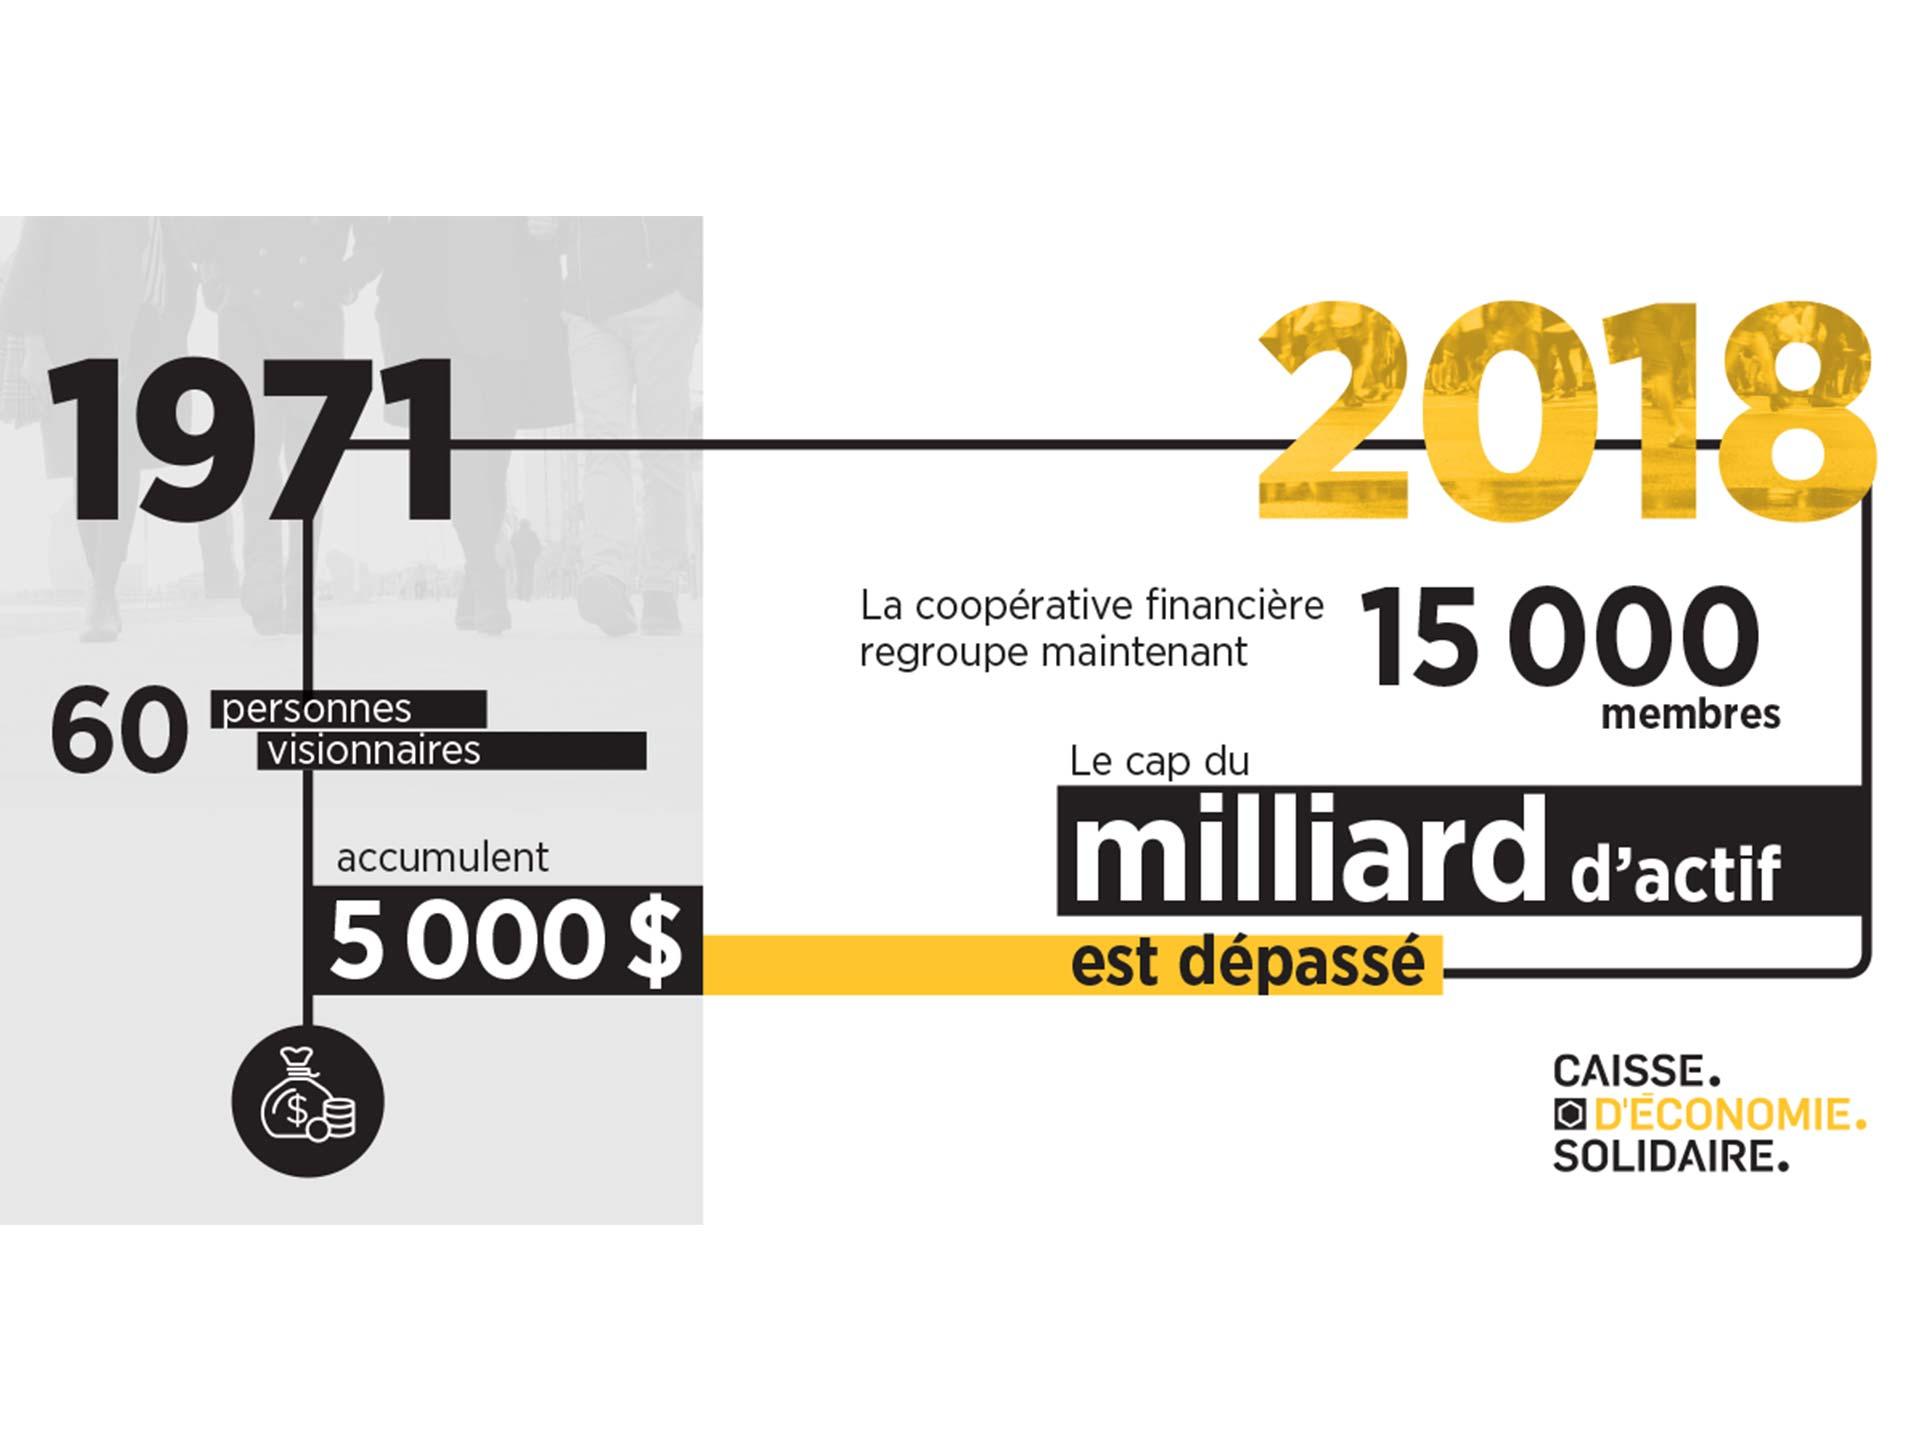 Cap du milliard